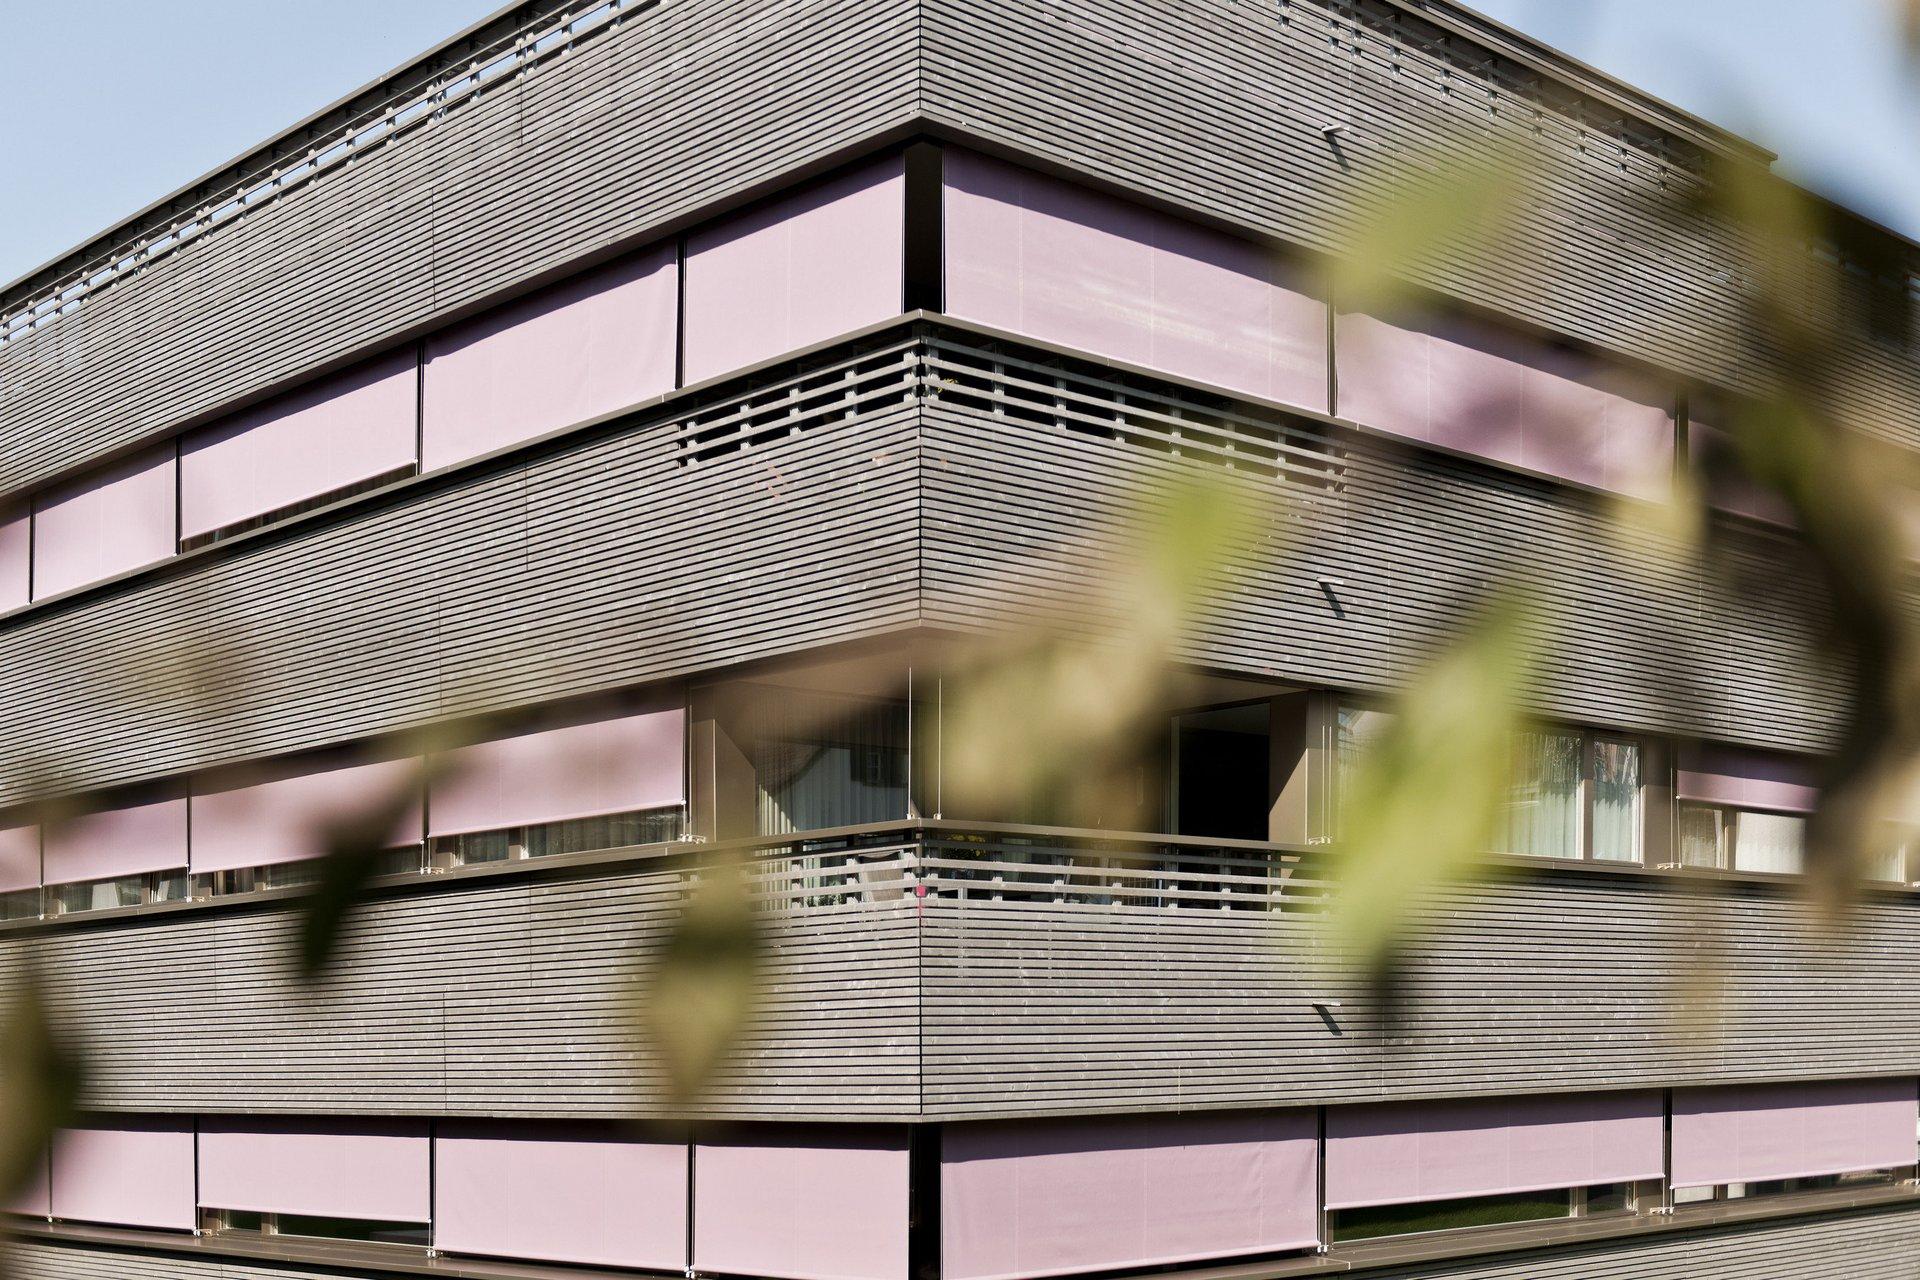 Eckansicht Gebäude aus Holz-Beton-Verbundsystem mit rosa Sichtschutz und Holzfassade